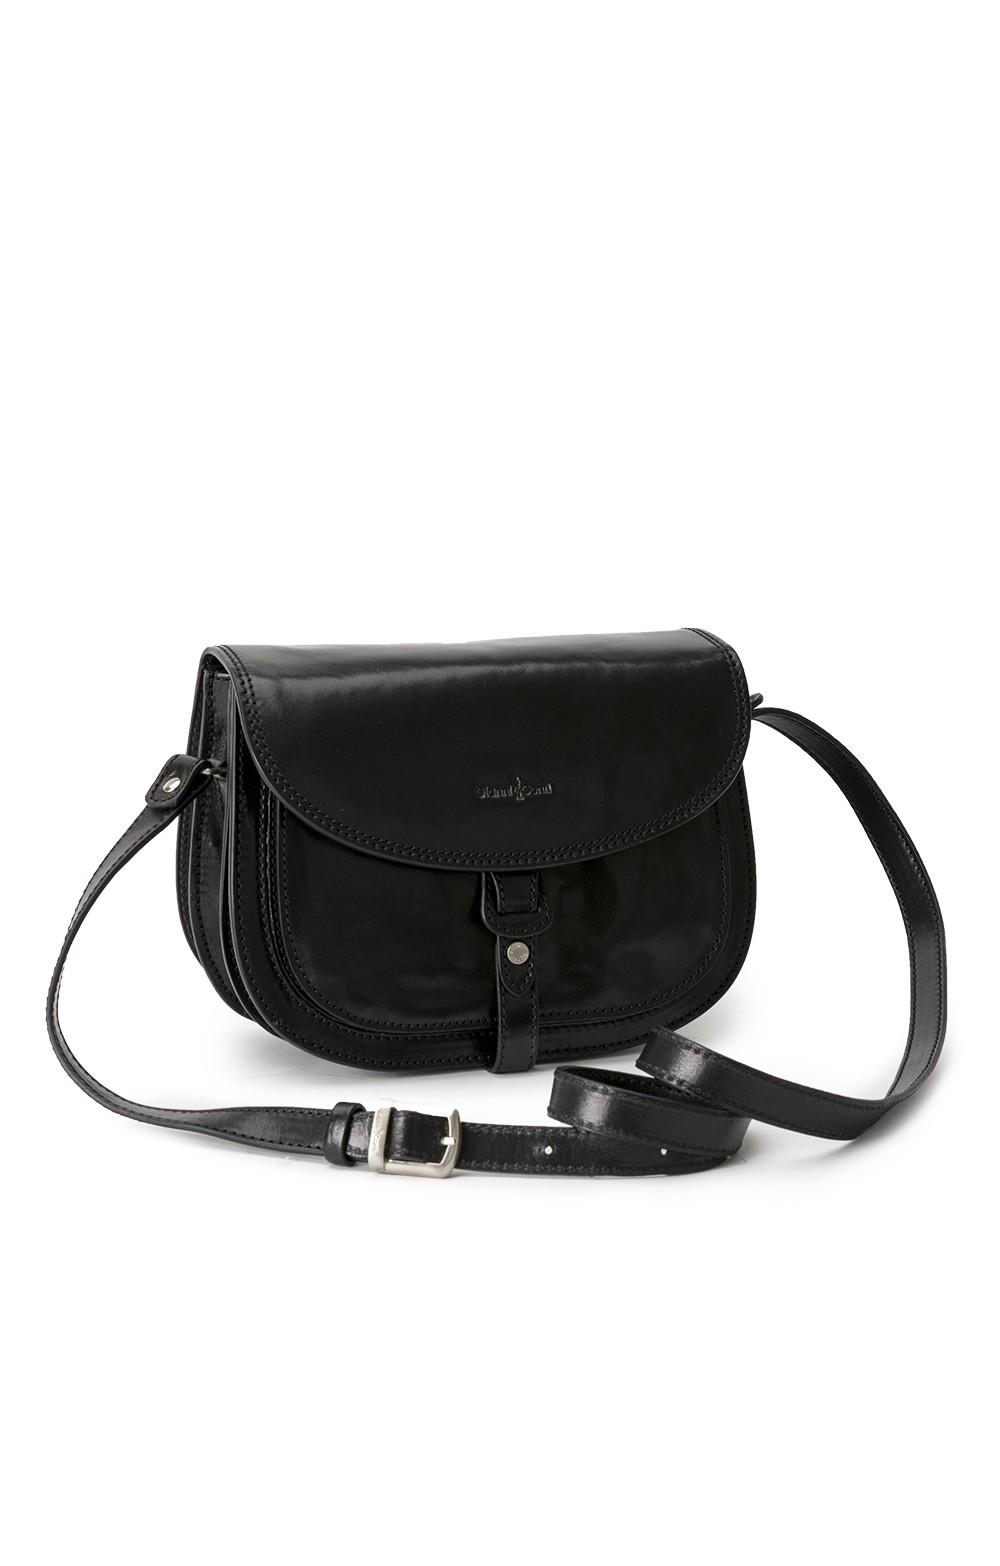 Gianni Conti Classic Saddle Bag